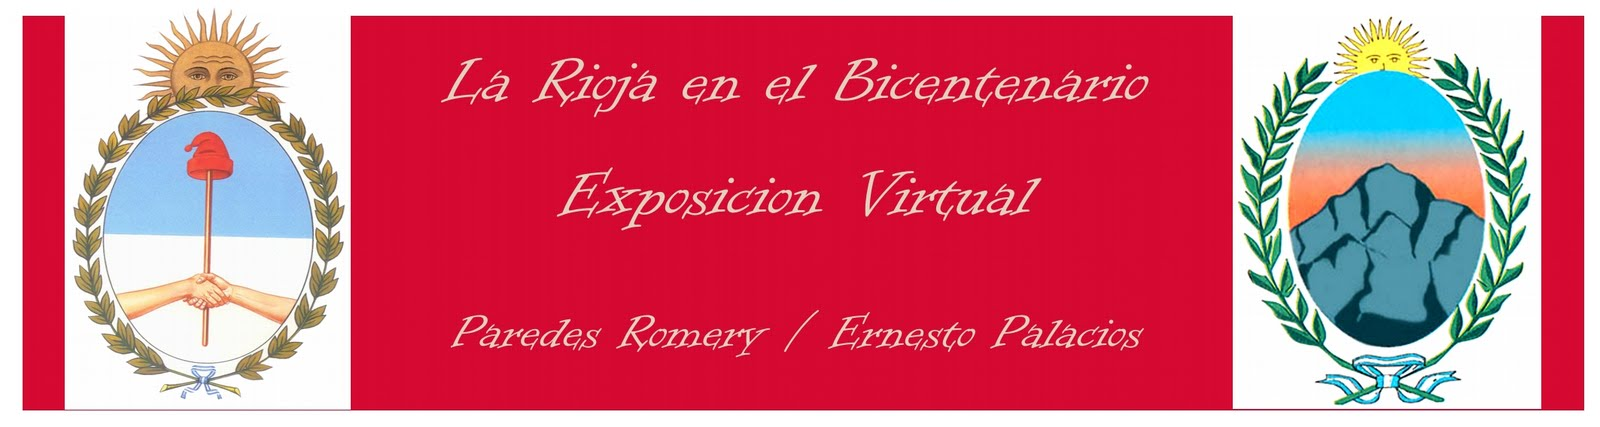 Cultura Argentina en el Bicentenario